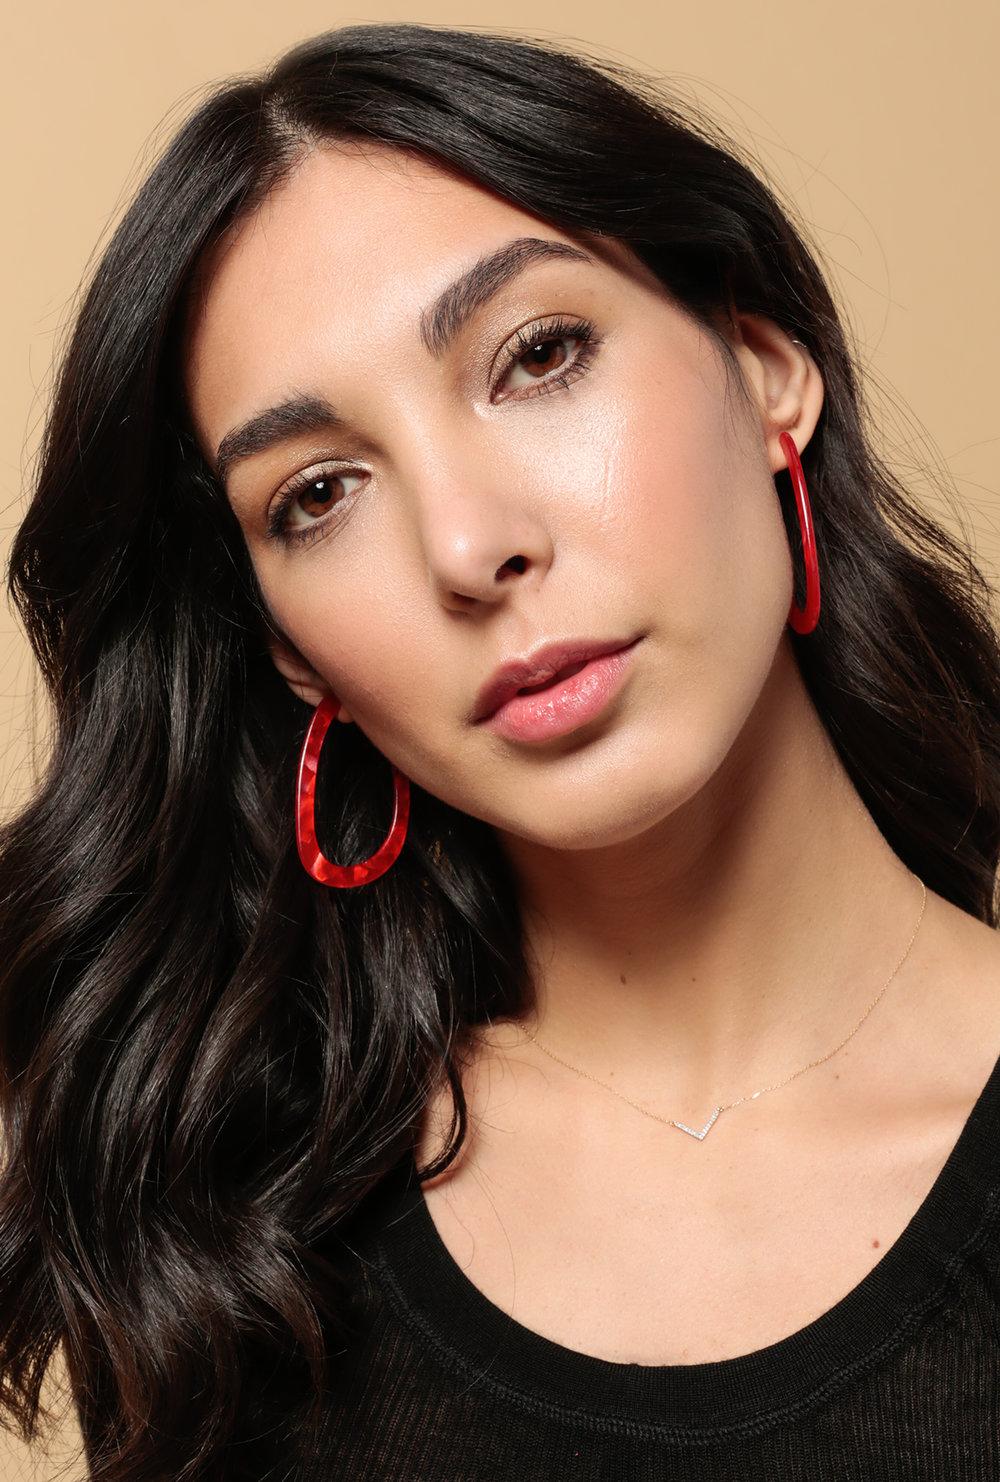 Azalea-sf-fresh- Beauty-makeup-glowing-red lip.jpg